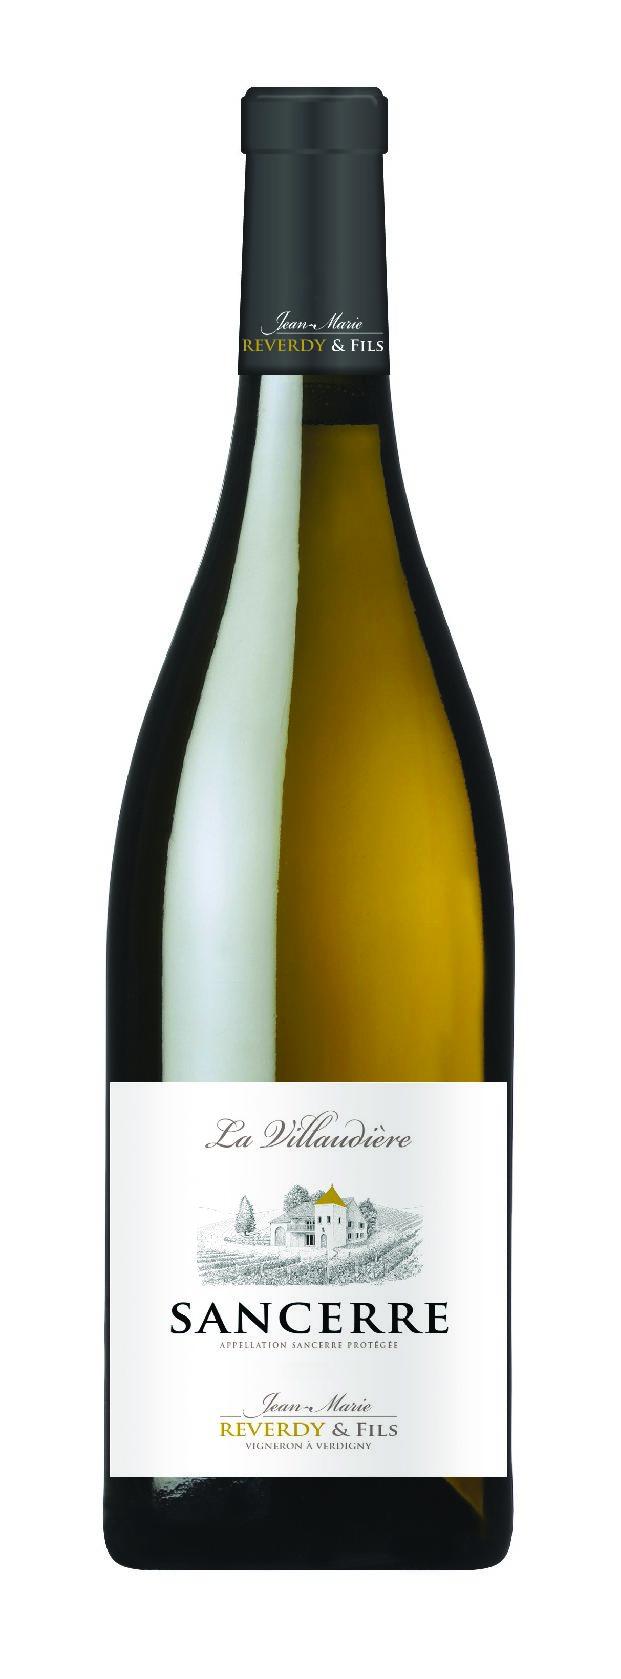 Wino Reverdy & Fils Sancerre La Villaudiere